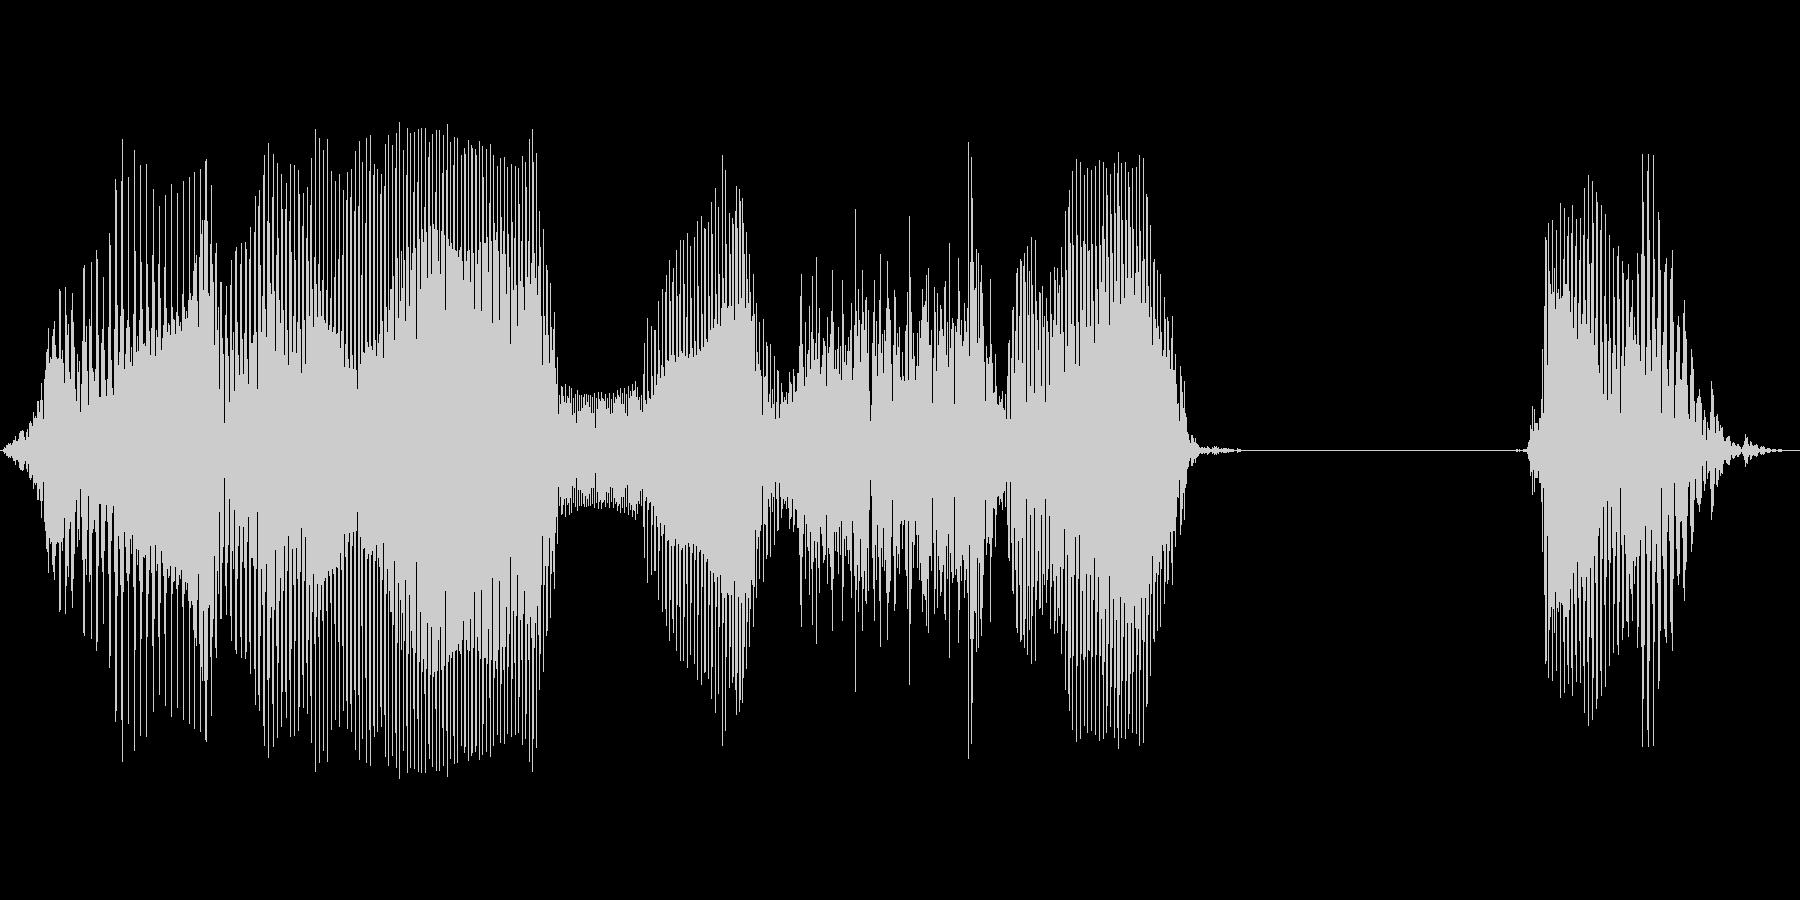 ゲームセットの未再生の波形